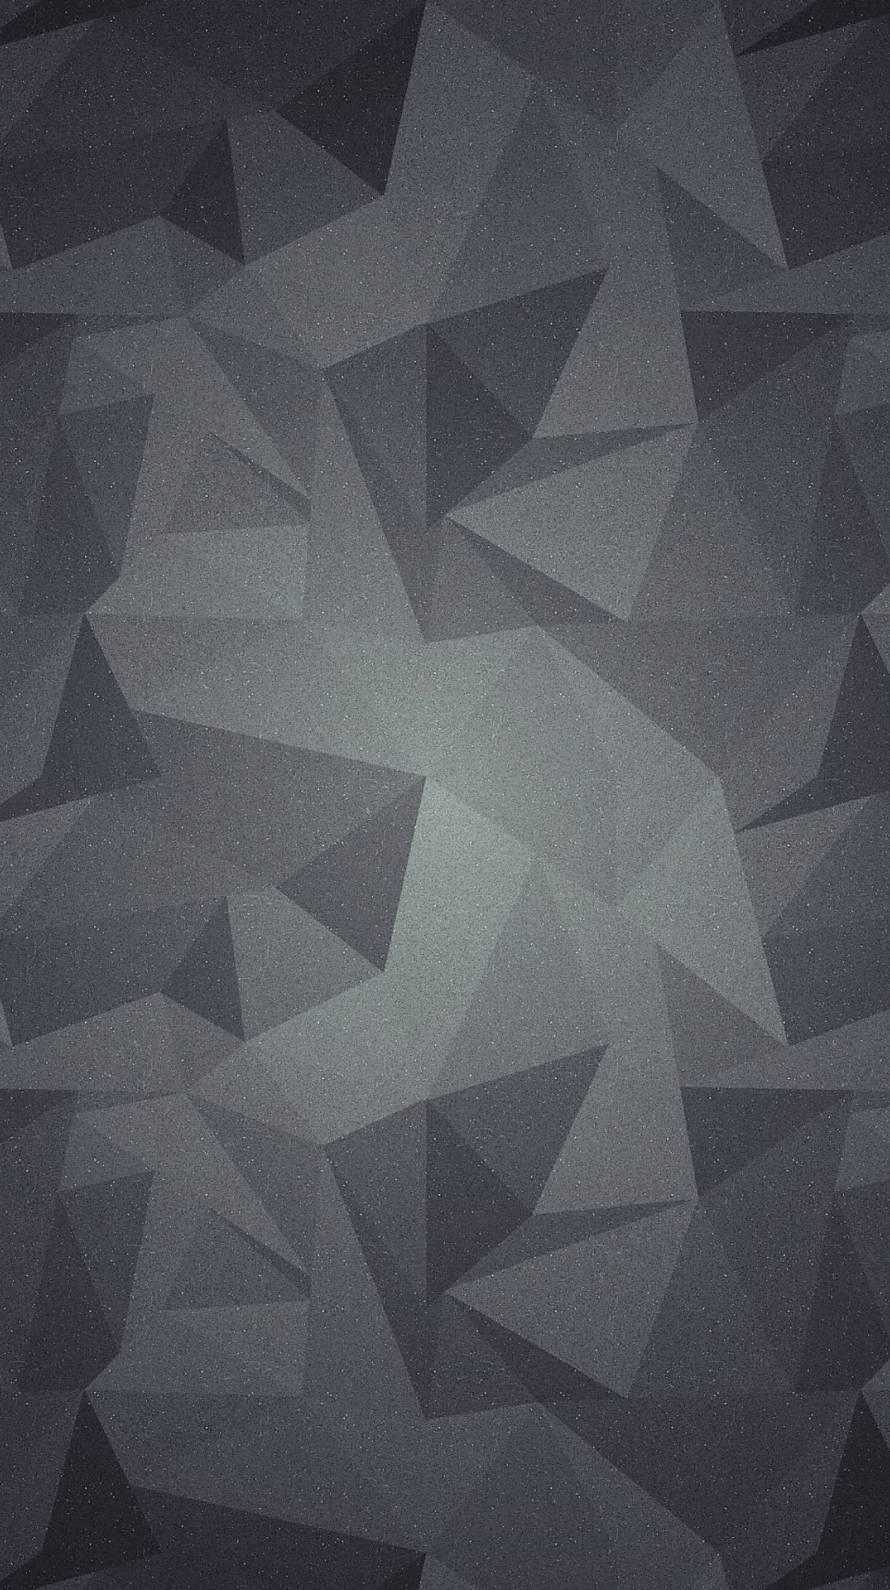 黒のトライアングル iPhone6壁紙